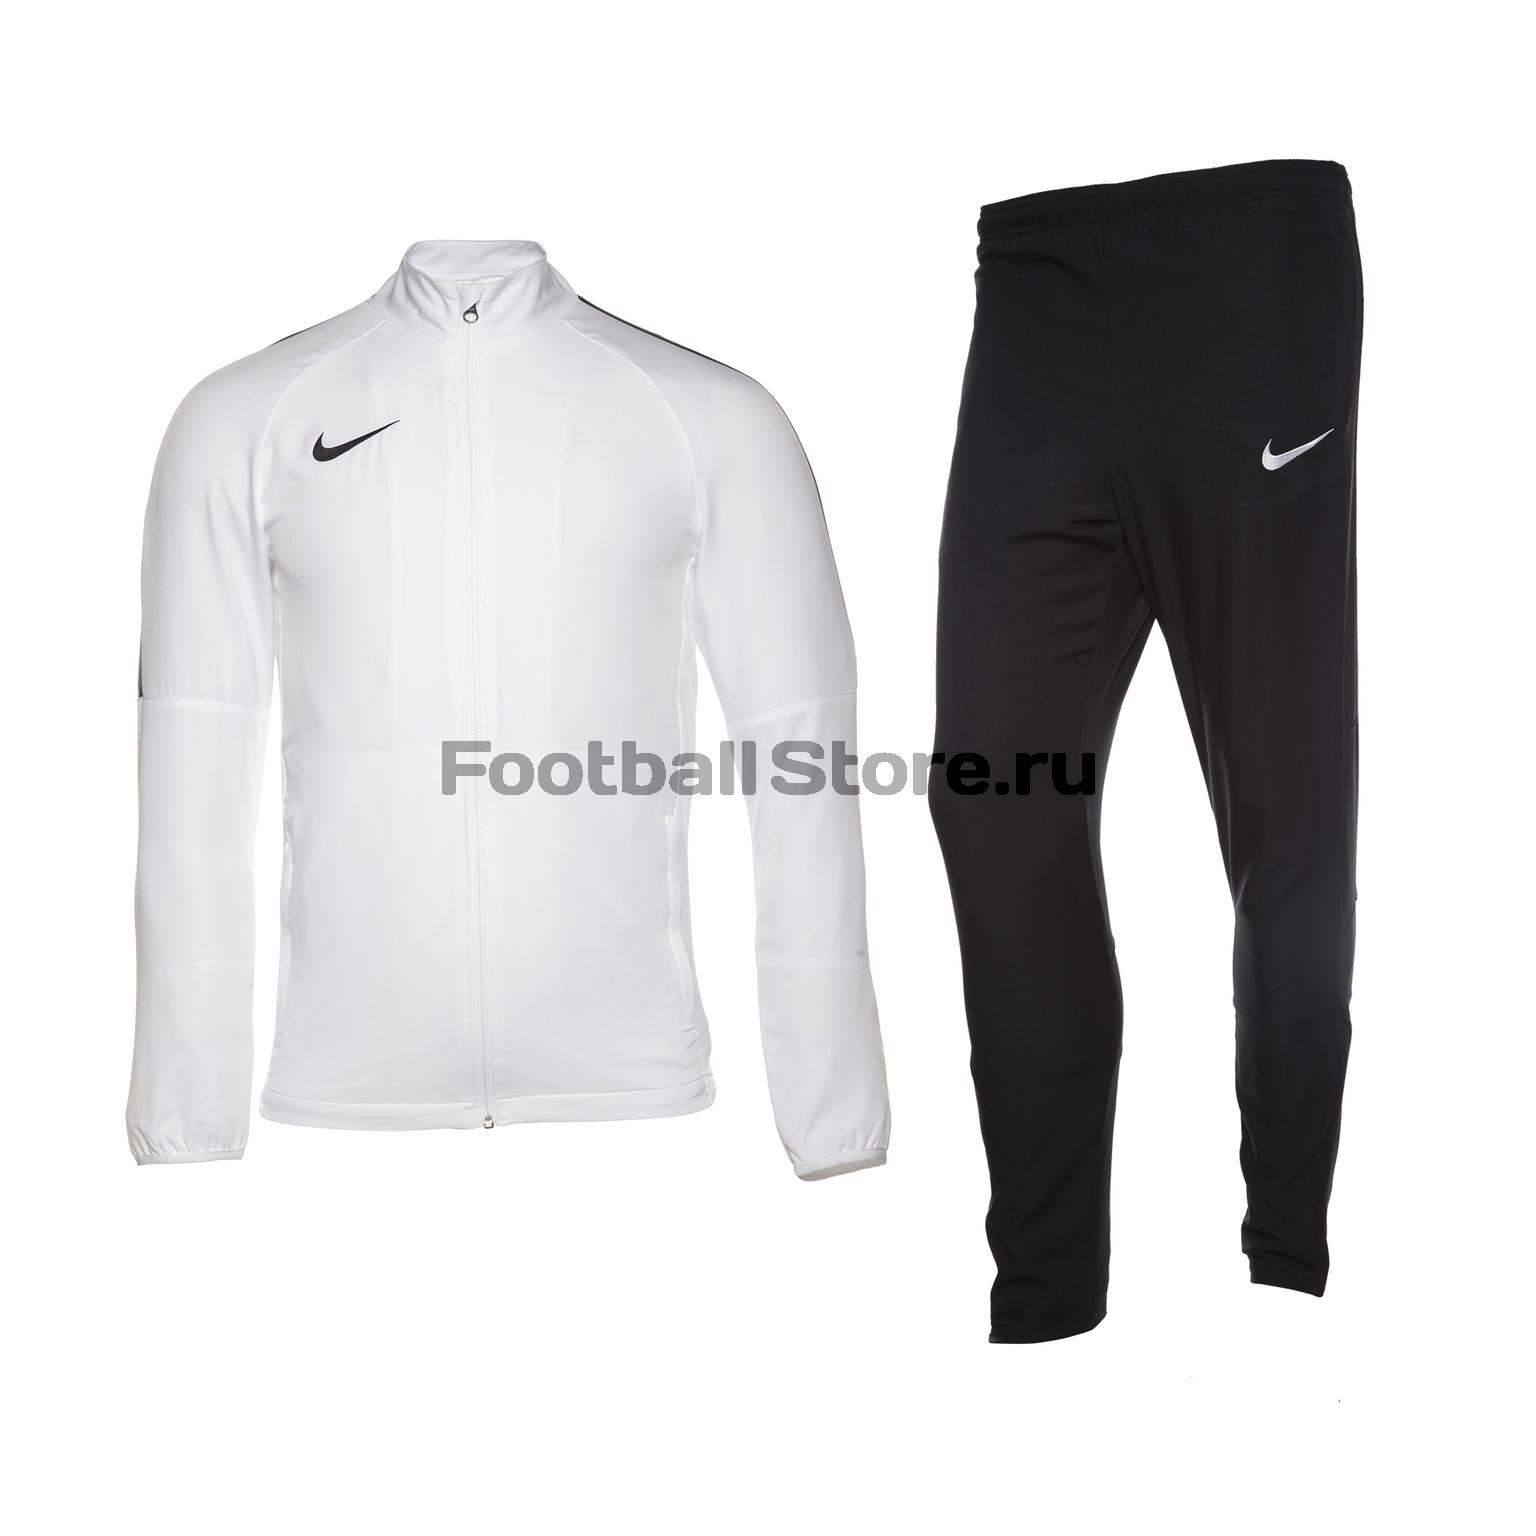 Костюм спортивный Nike Dry Academy18 TRK Suit W 893709-100 костюм спортивный nike m dry acdmy trk suit 844327 451